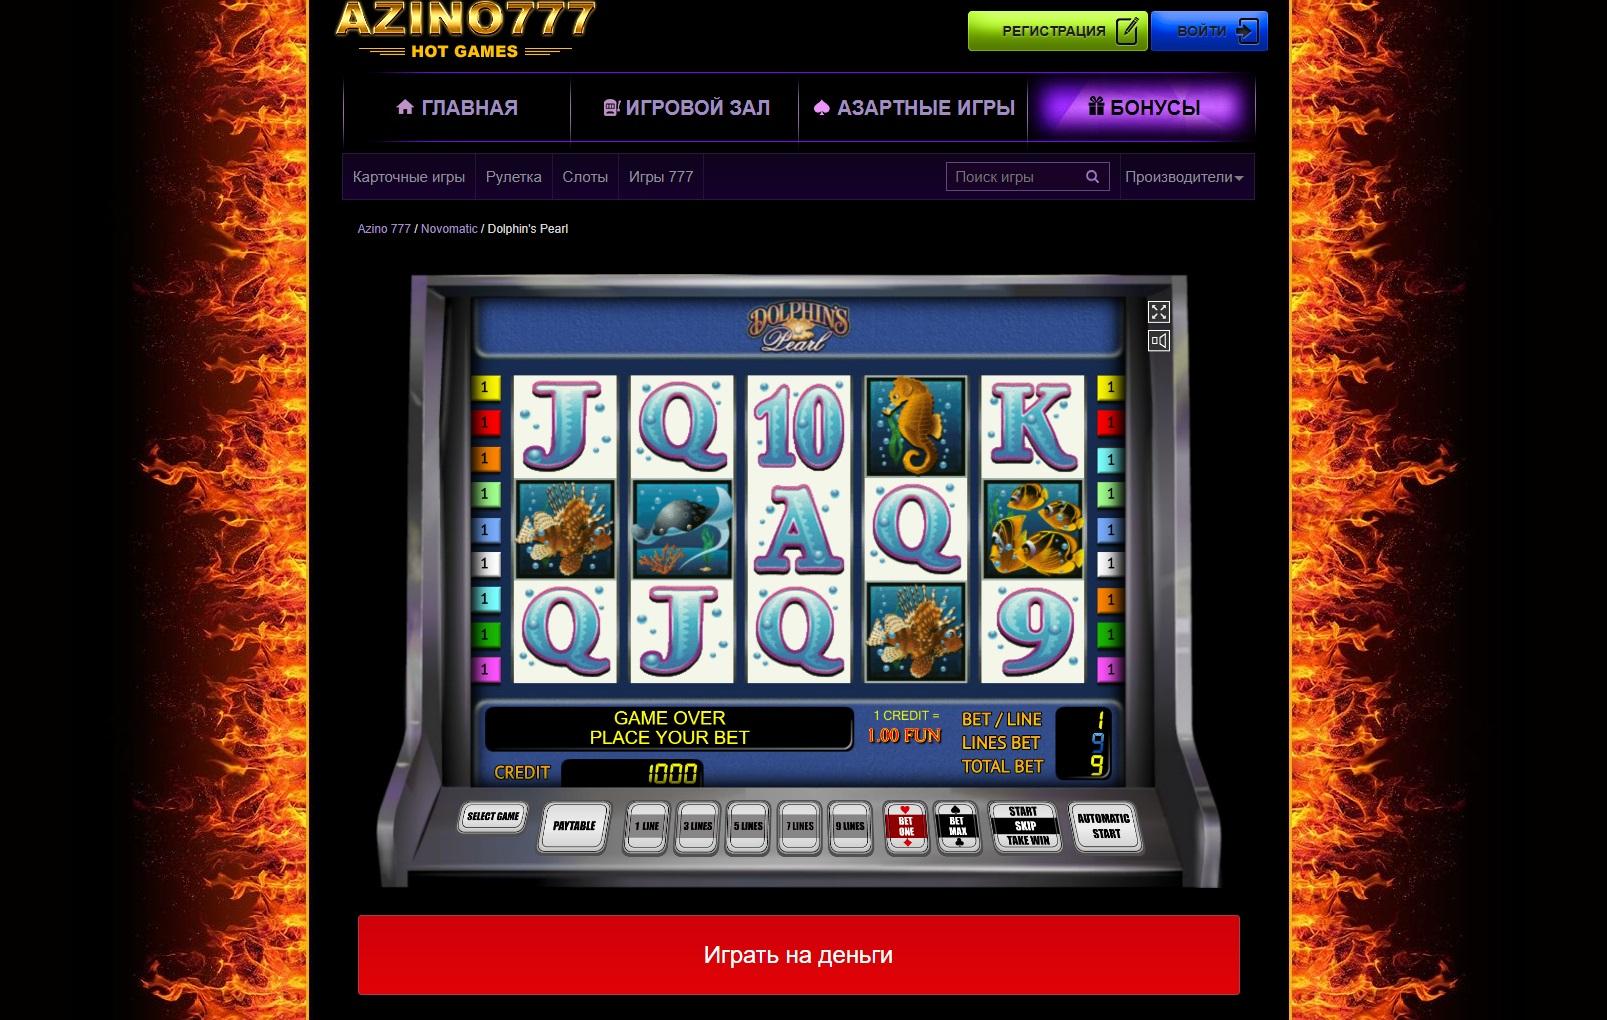 азино777 играть бесплатно